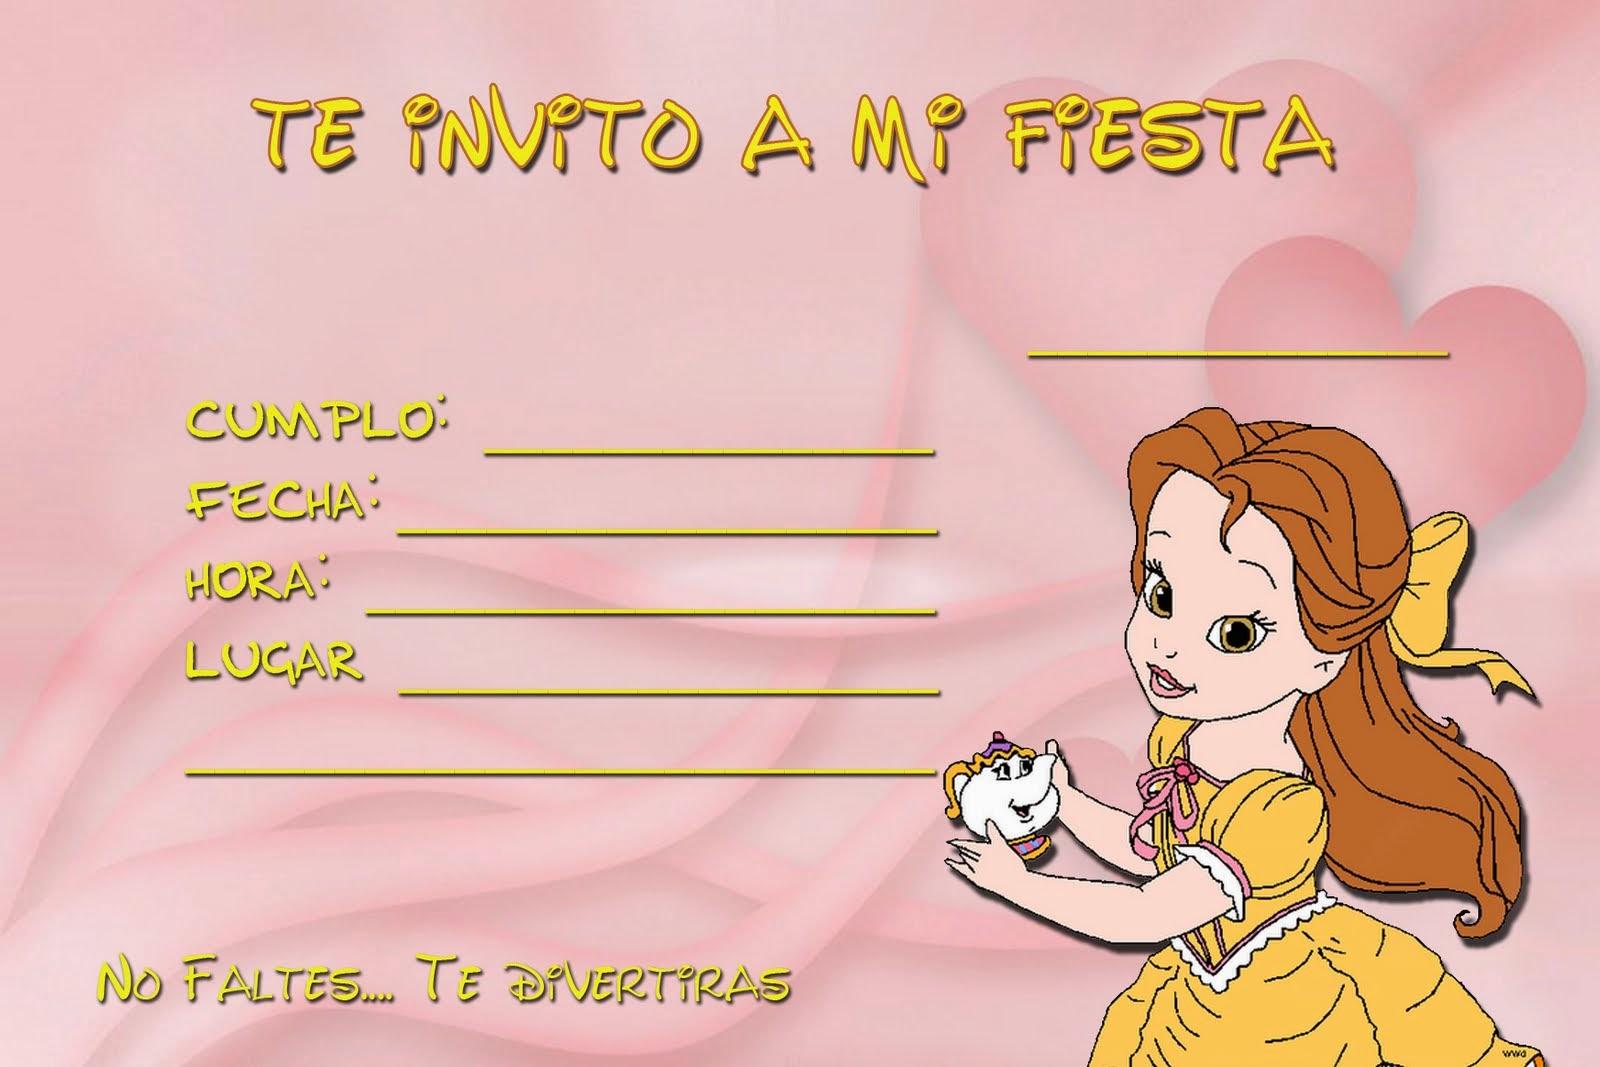 Colección de Gifs ®: INVITACIONES FIESTA INFANTIL